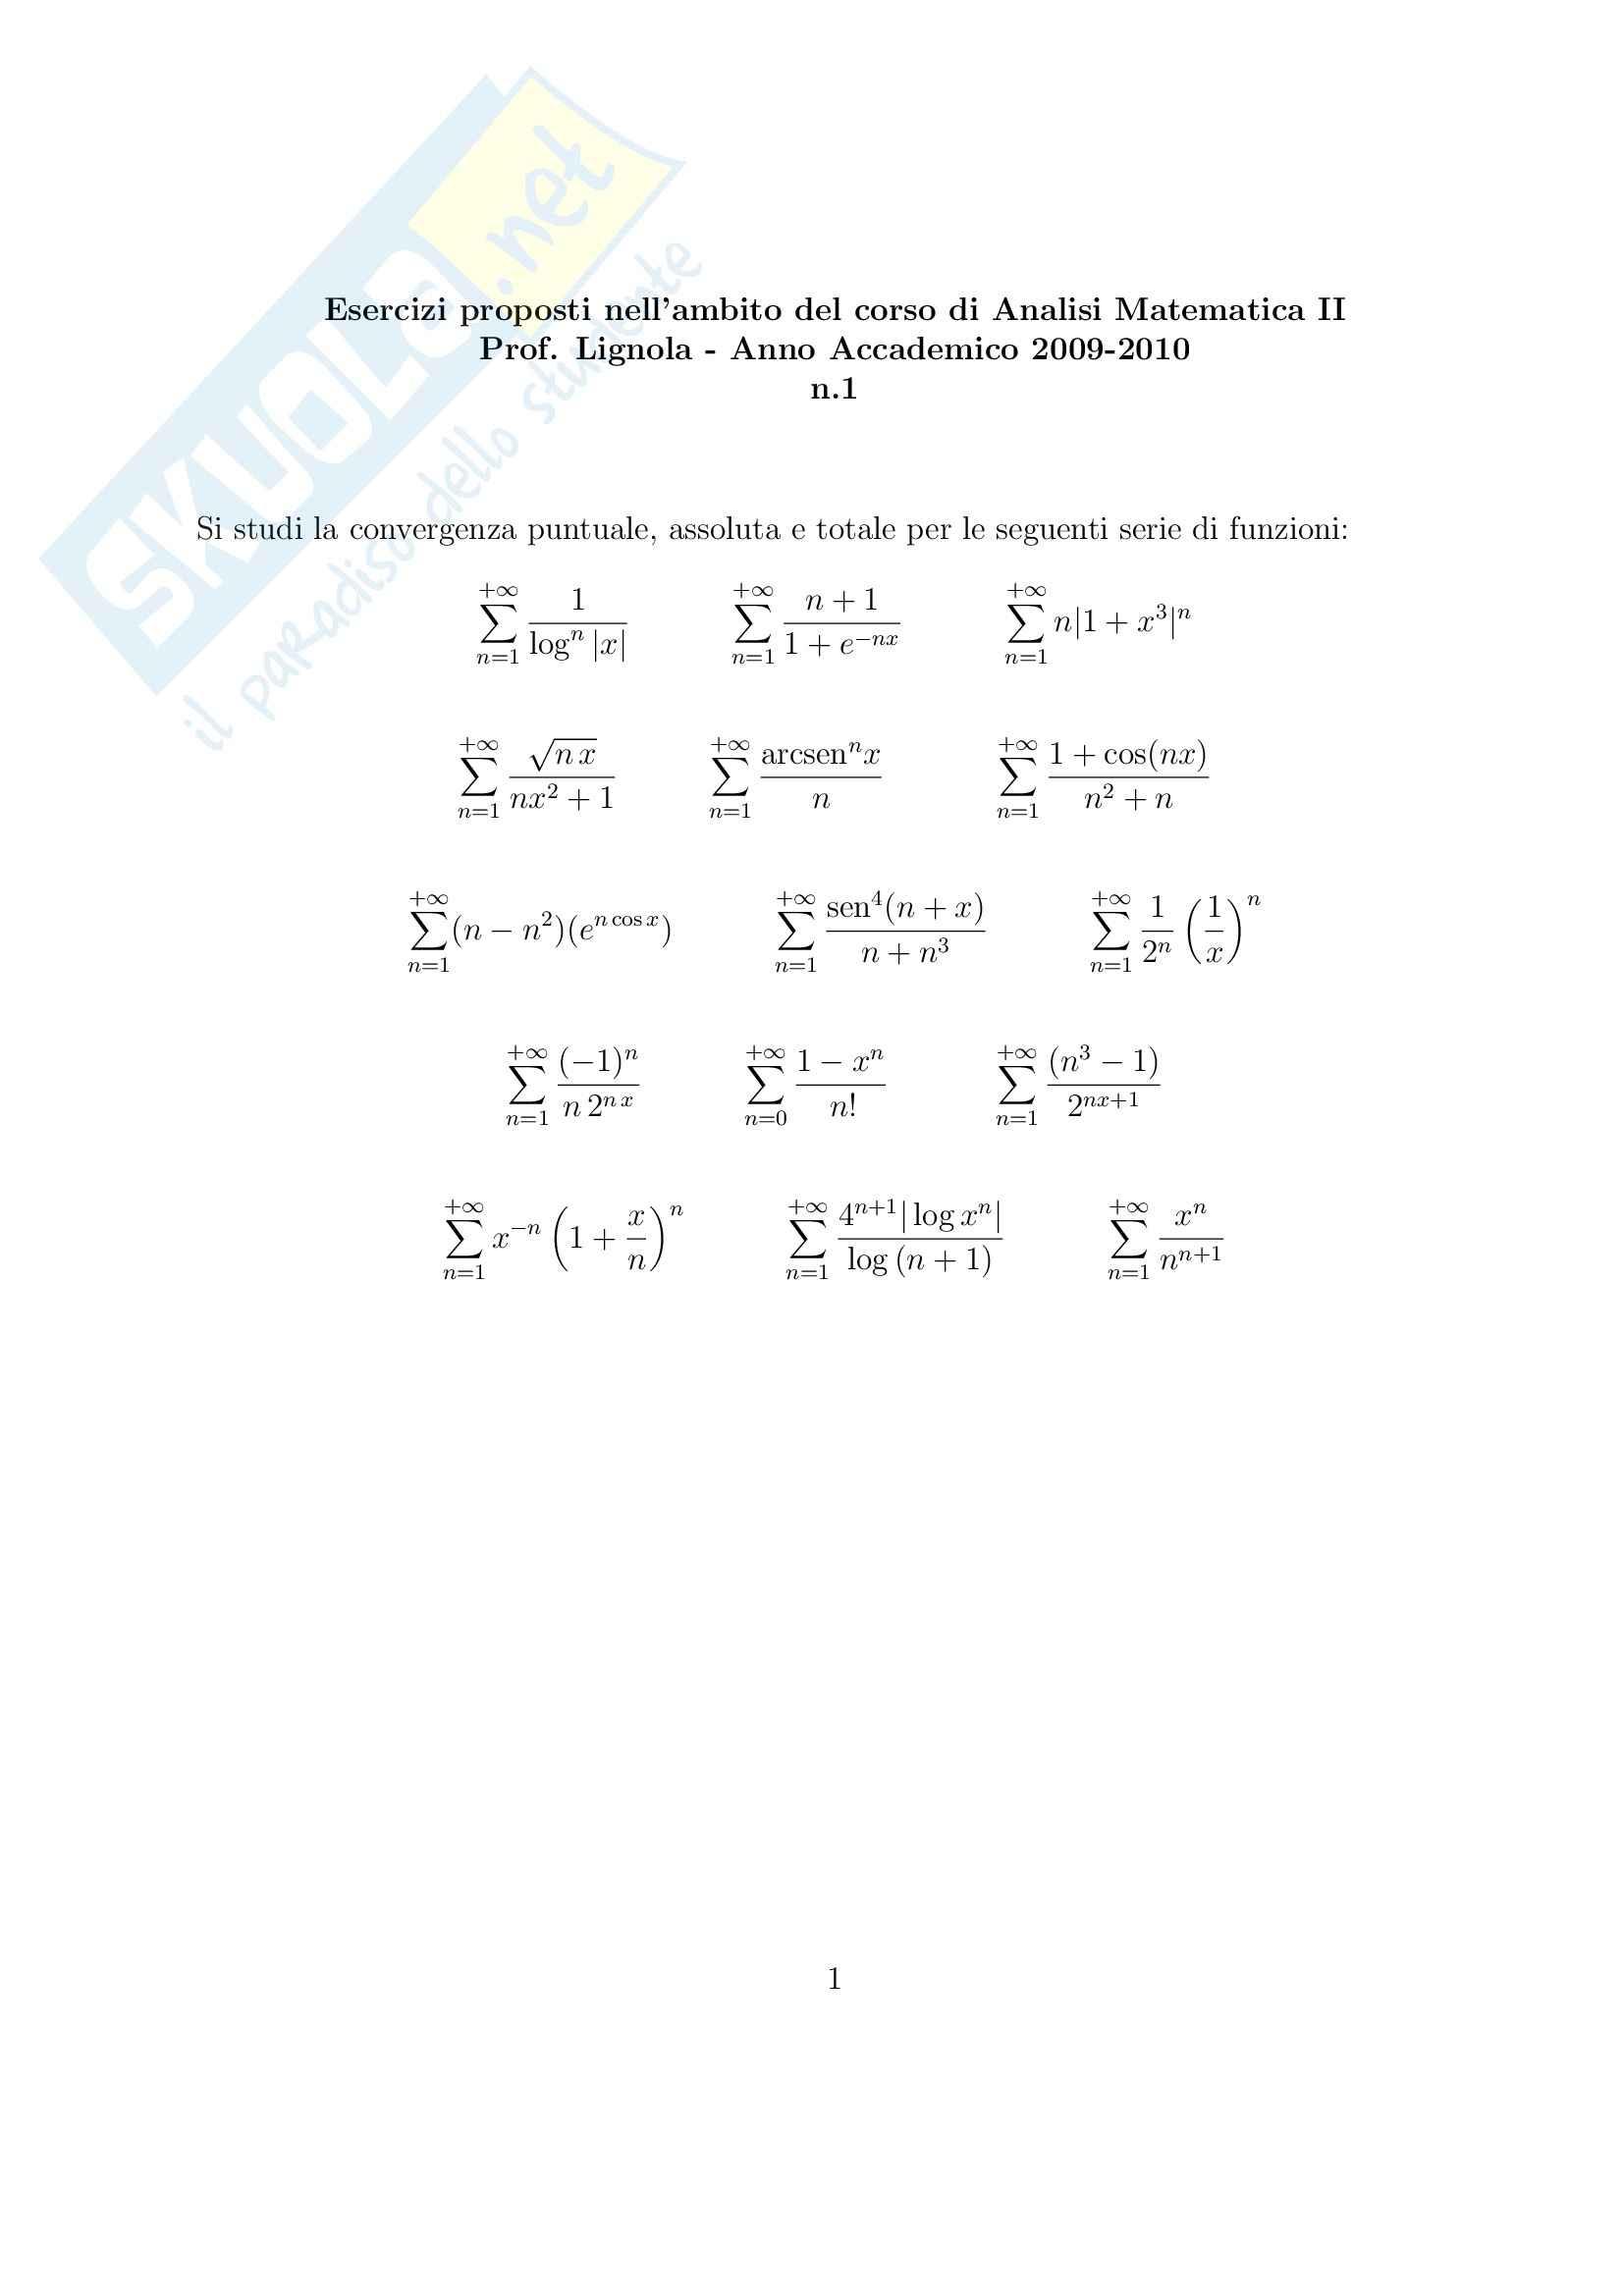 esercitazione M. Lignola Analisi matematica II